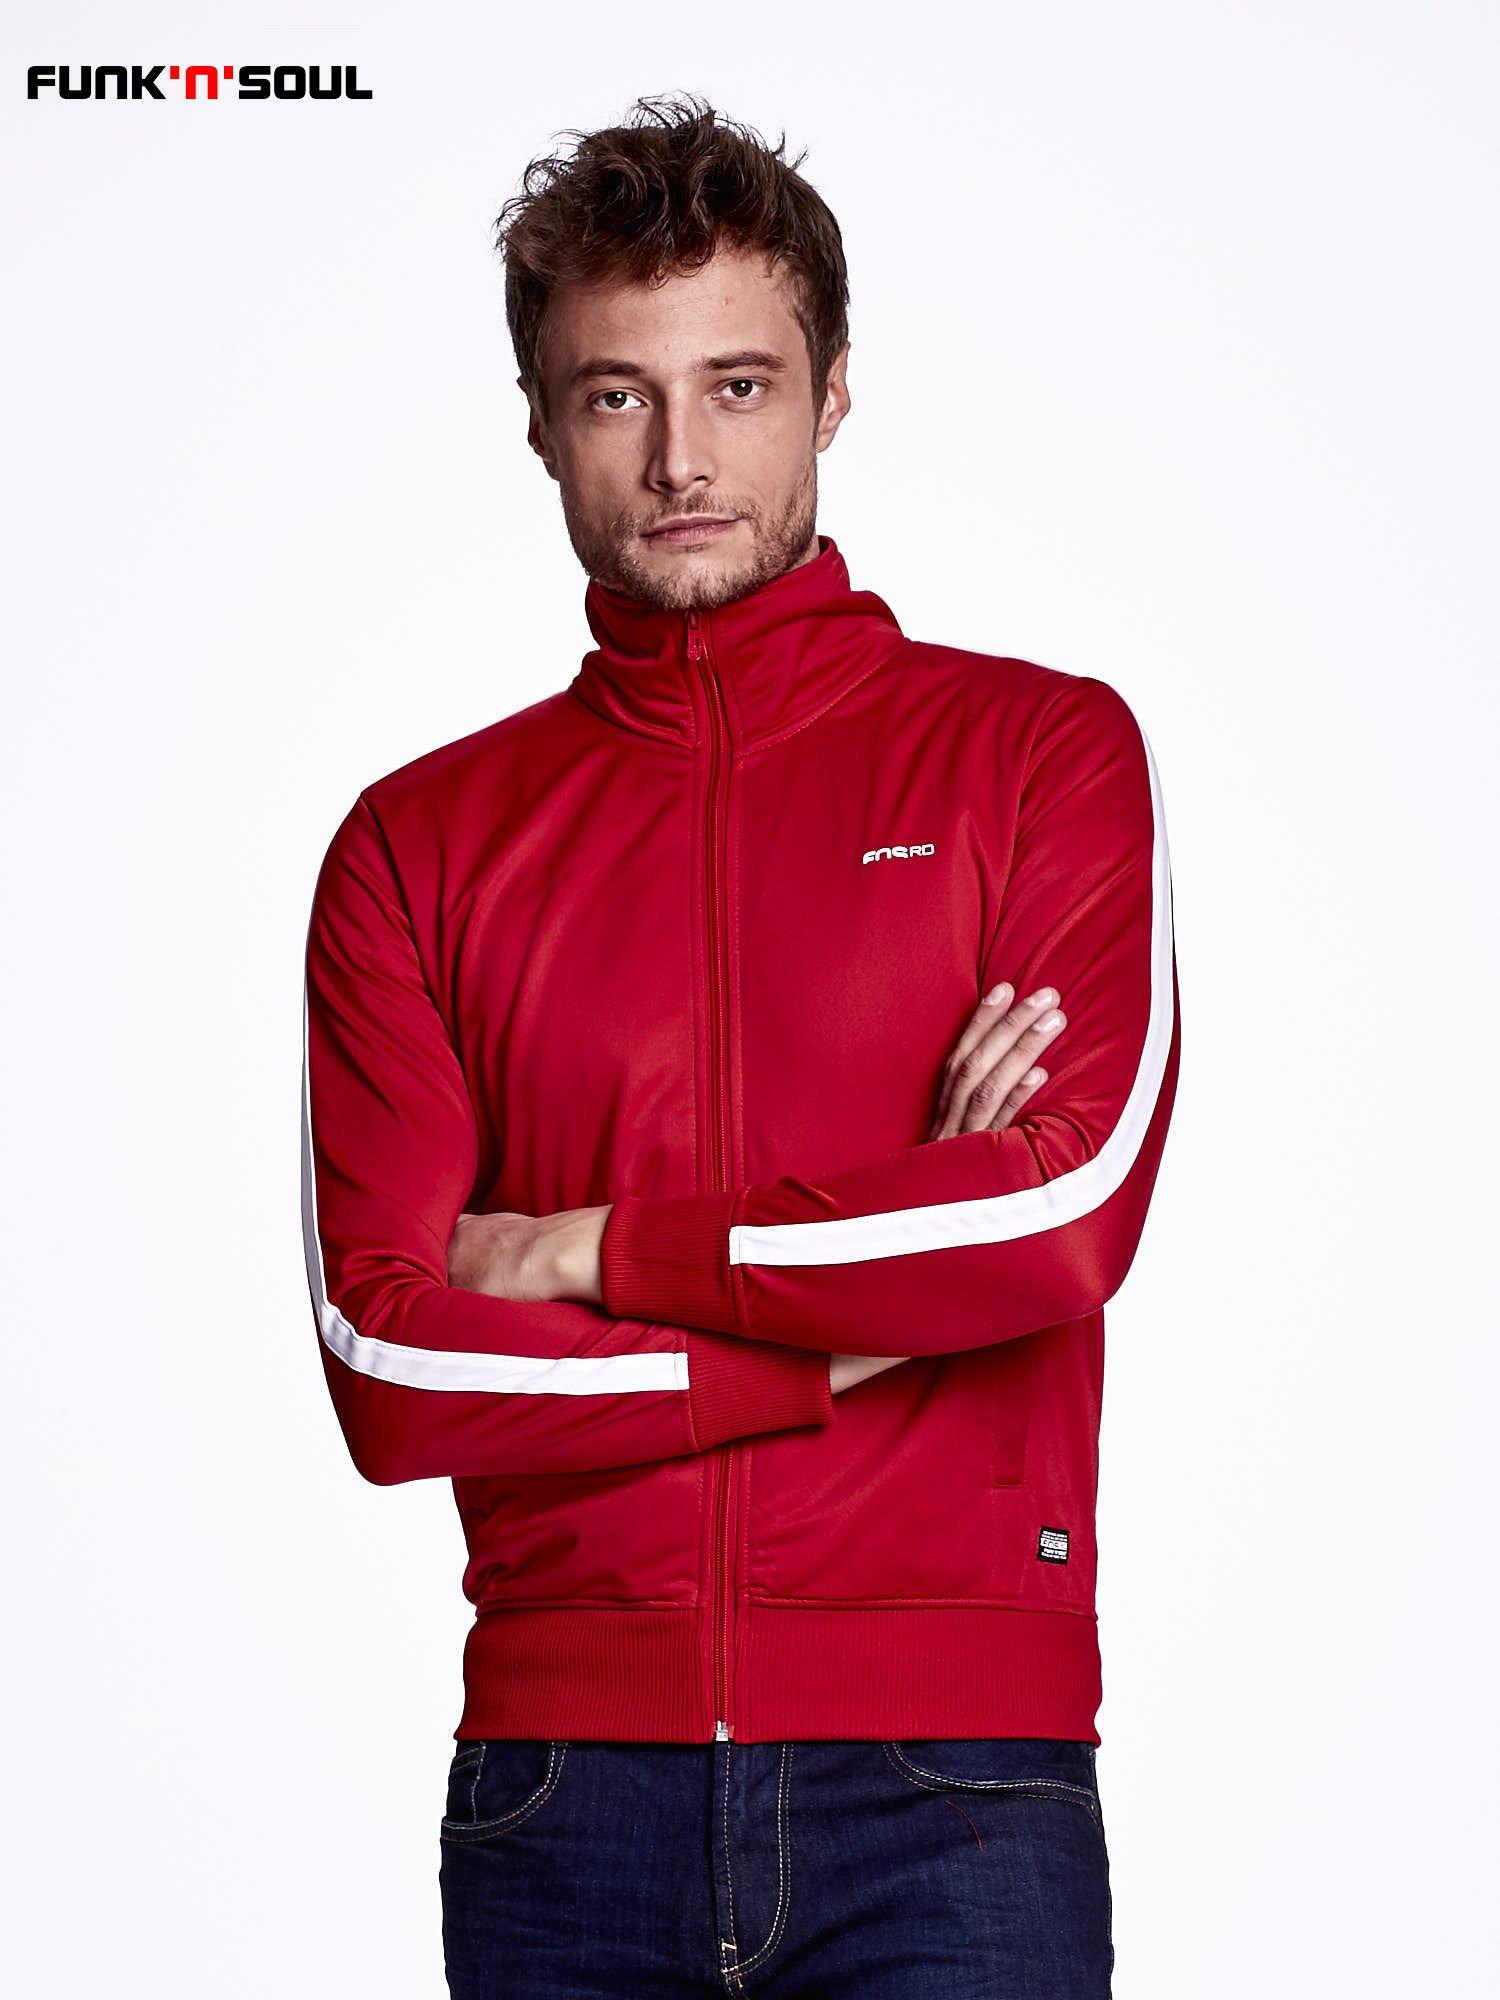 Czerwona bluza męska ze stójką FUNK N SOUL                                  zdj.                                  1